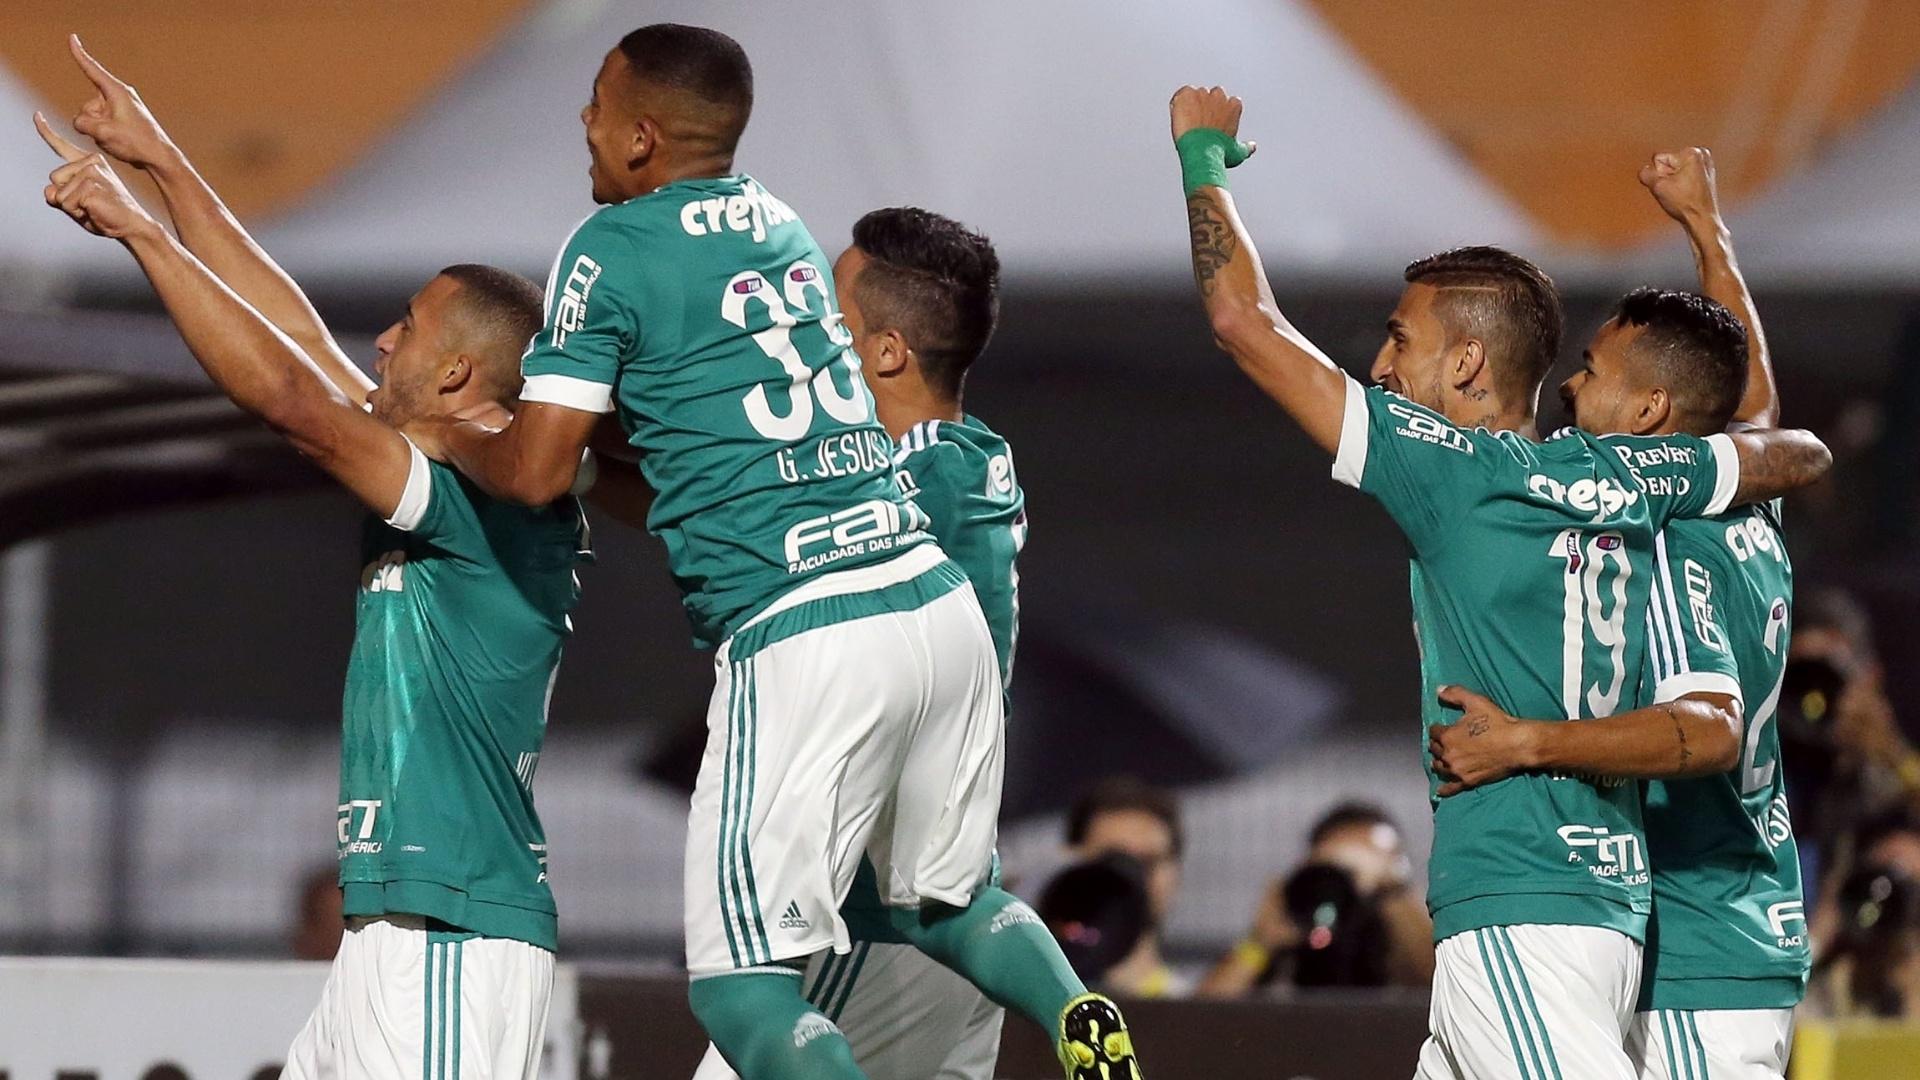 Vitor Hugo comemora com jogadores do Palmeiras após abrir o placar contra o Grêmio